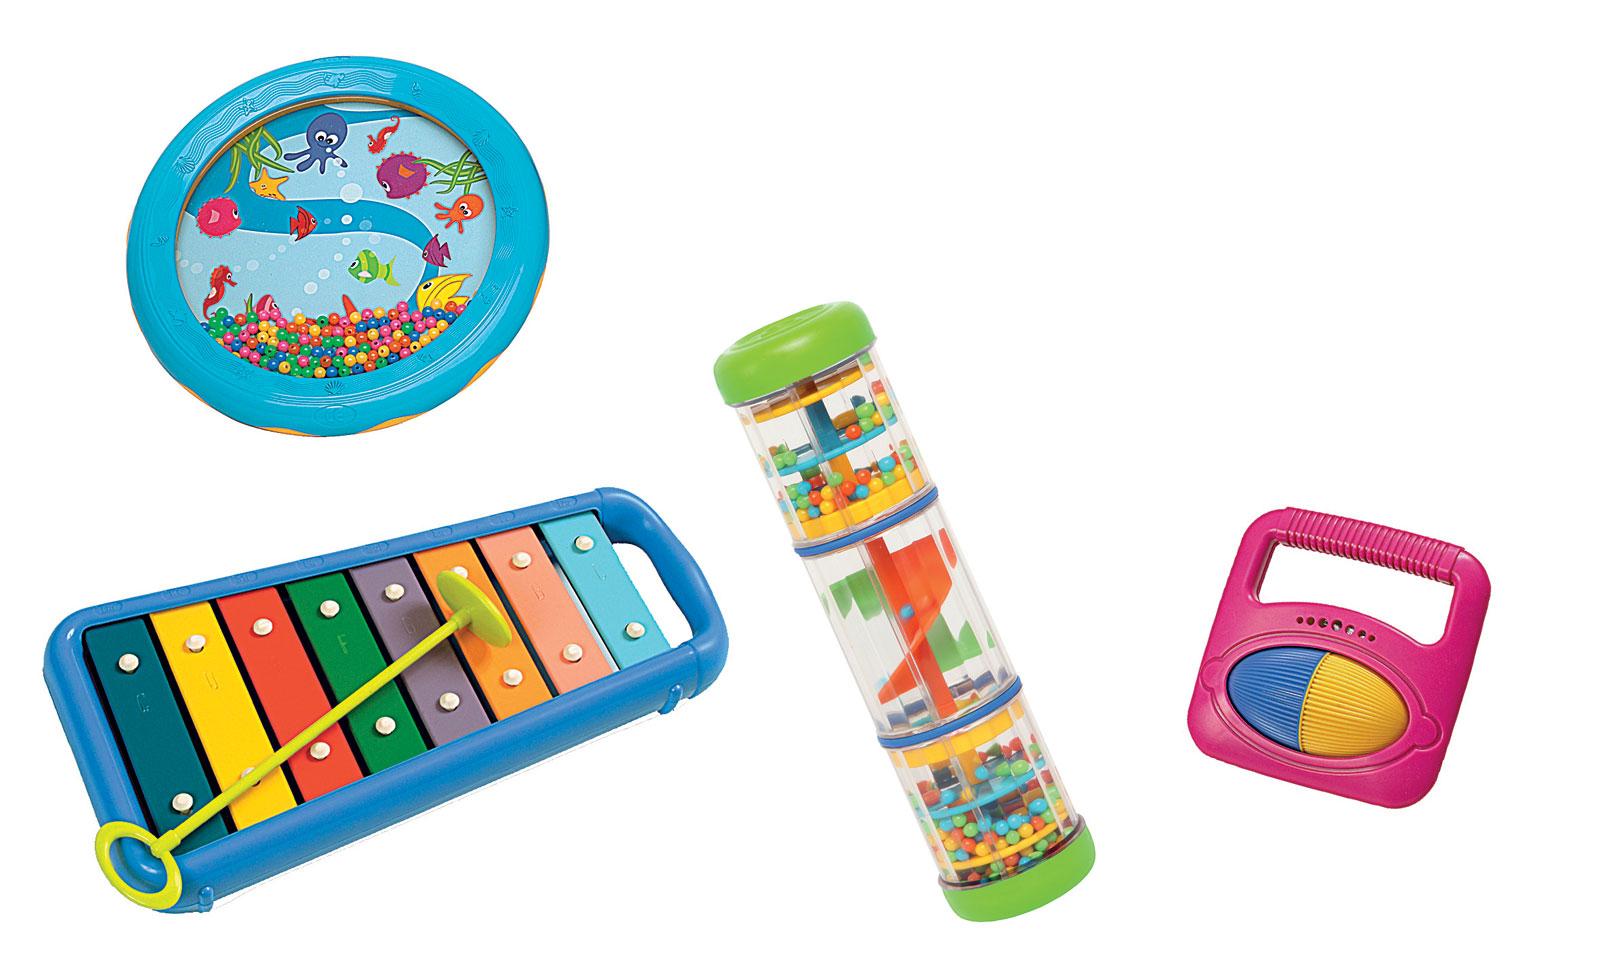 Code promo Woodbrass : L'ensemble d'instruments de musique d'éveil pour enfant à 31€ au lieu de 70,40€